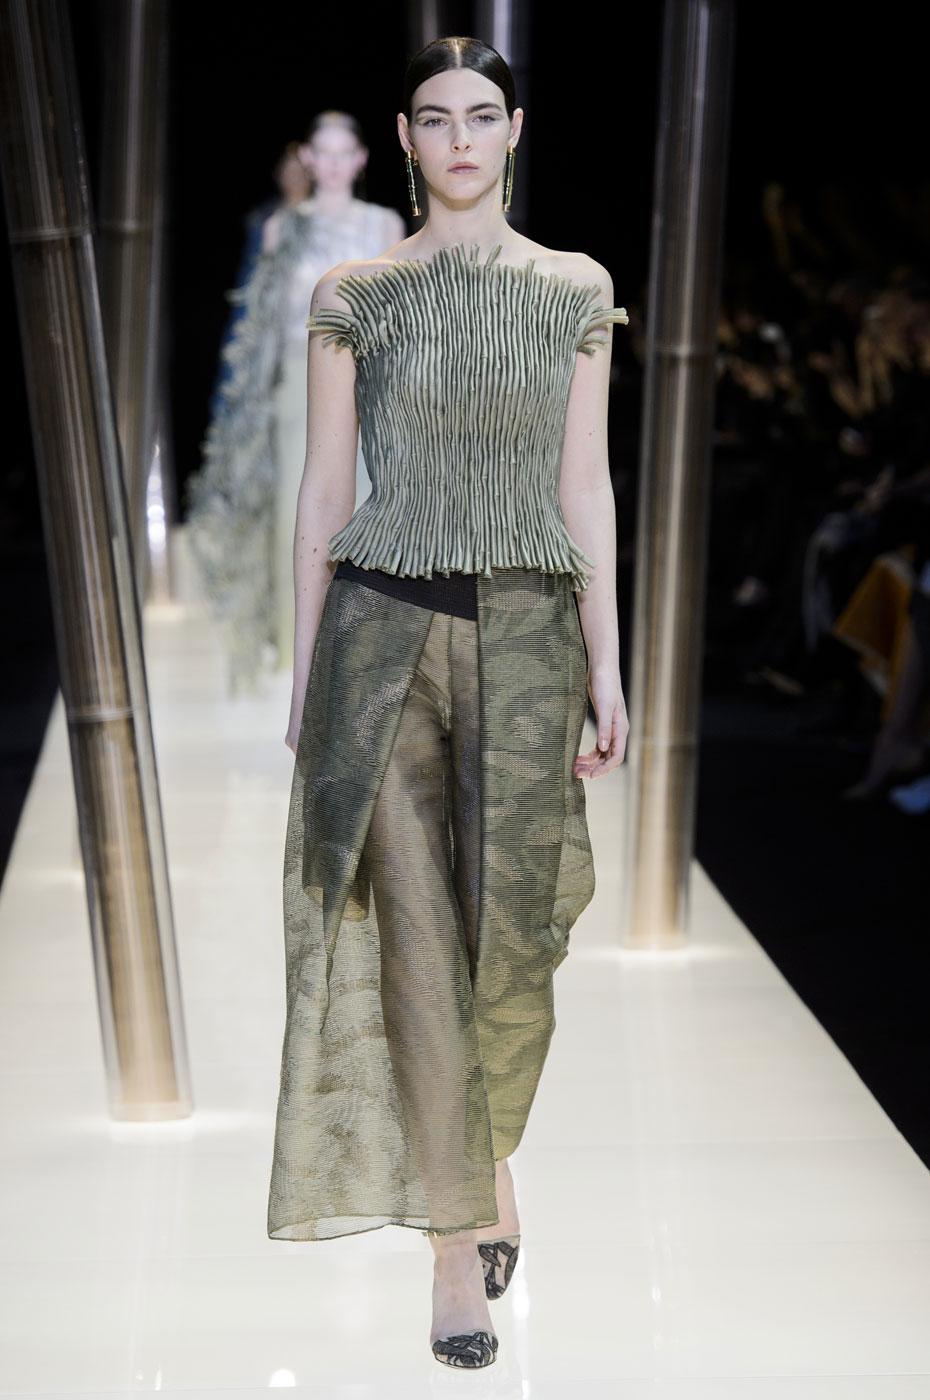 Giorgio-armani-Prive-fashion-runway-show-haute-couture-paris-spring-2015-the-impression-045